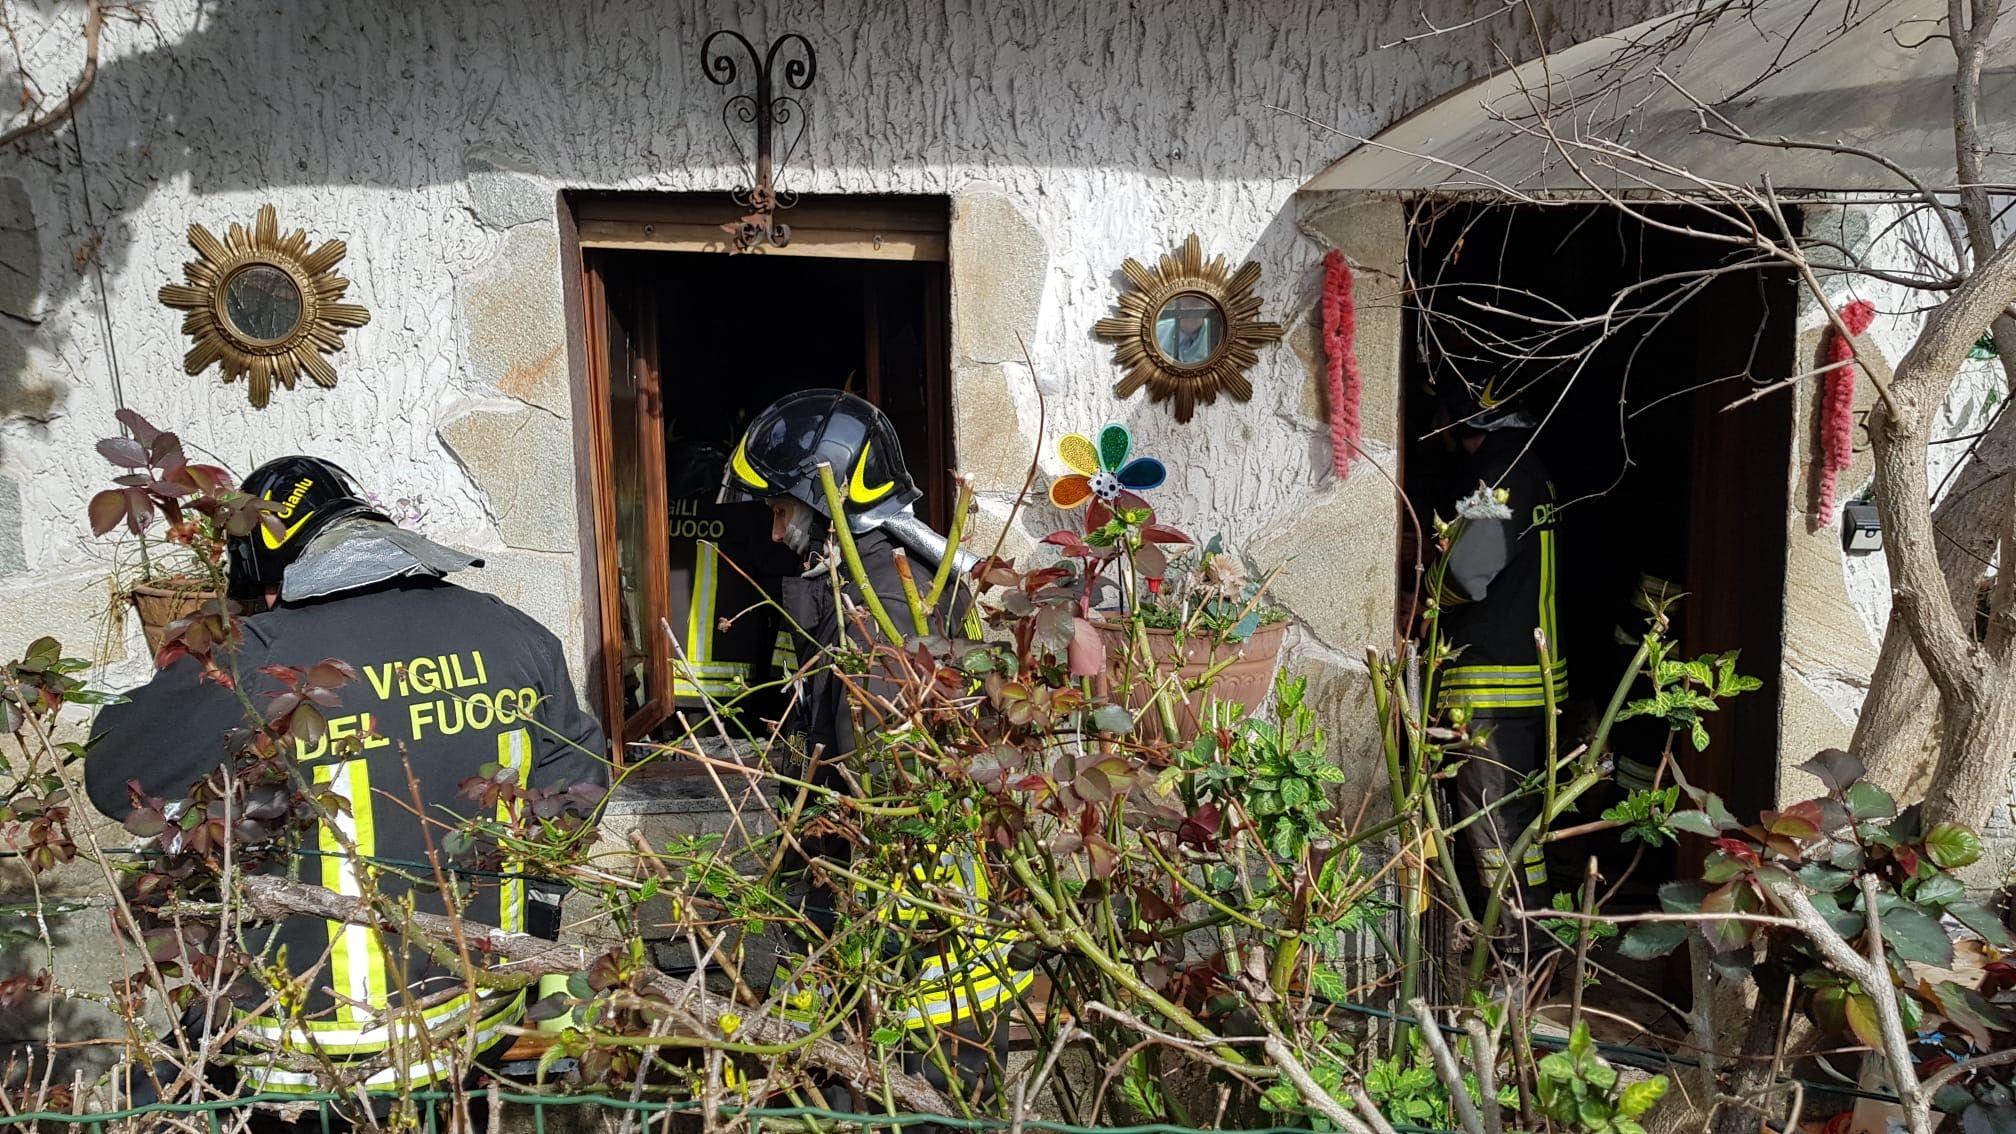 RIVAROLO - Incendio in una casa di frazione Pasquaro: salva una pensionata e venticinque cani - FOTO E VIDEO